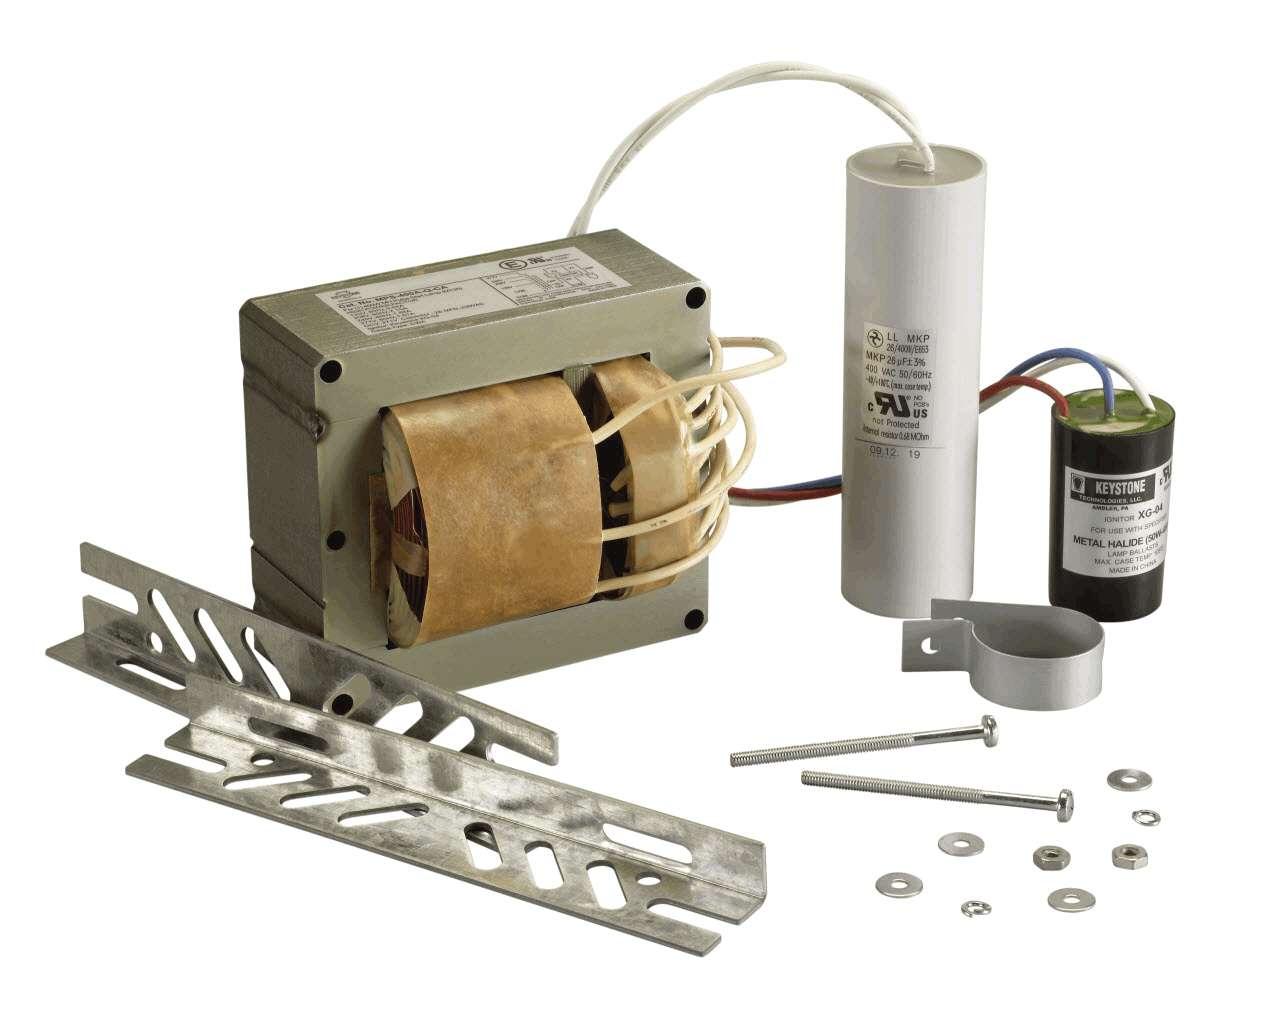 400 Watt Mercury Vapor Ballast Kits 866 637 1530